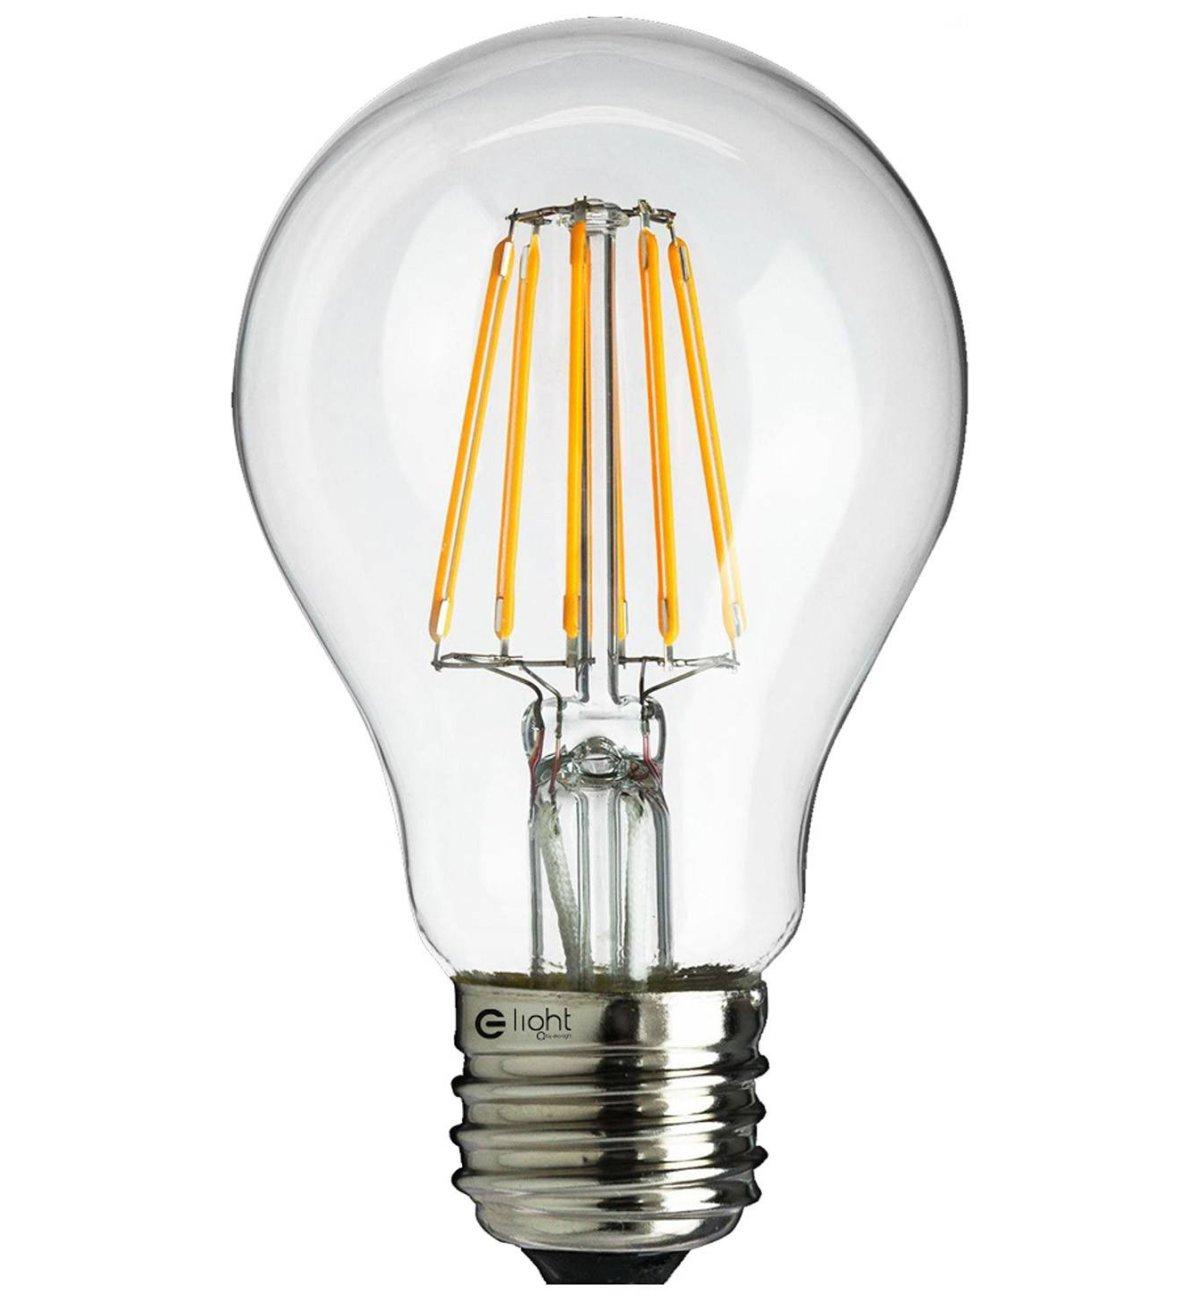 Super Żarówka LED Filament A60 E27 Ciepła 6W 48W - Sklep internetowy FB81